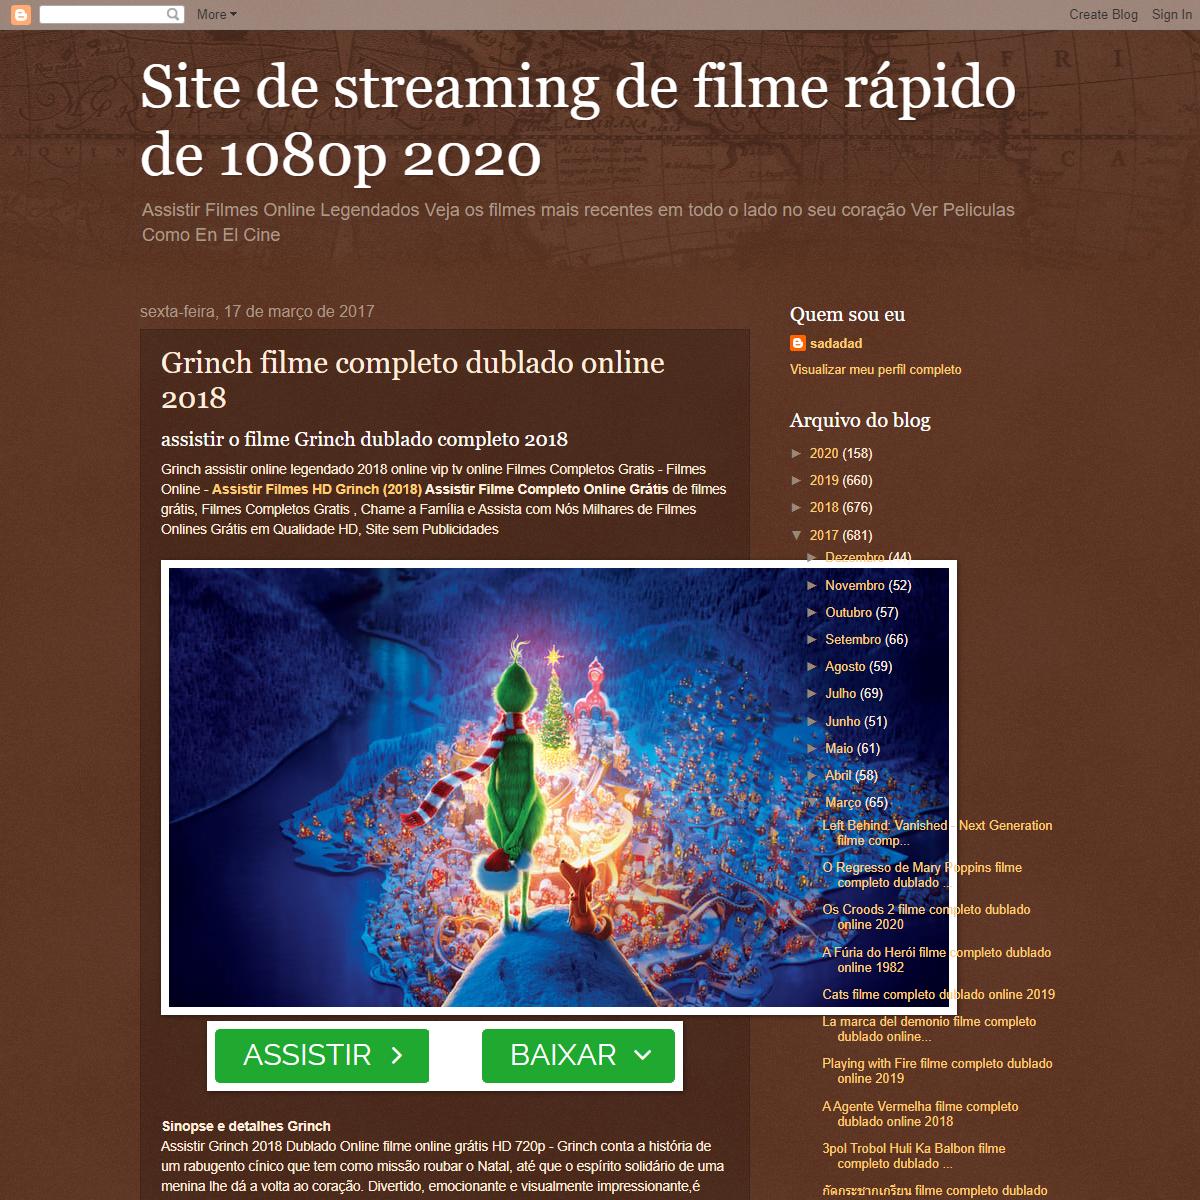 Site de streaming de filme rápido de 1080p 2020- Grinch filme completo dublado online 2018